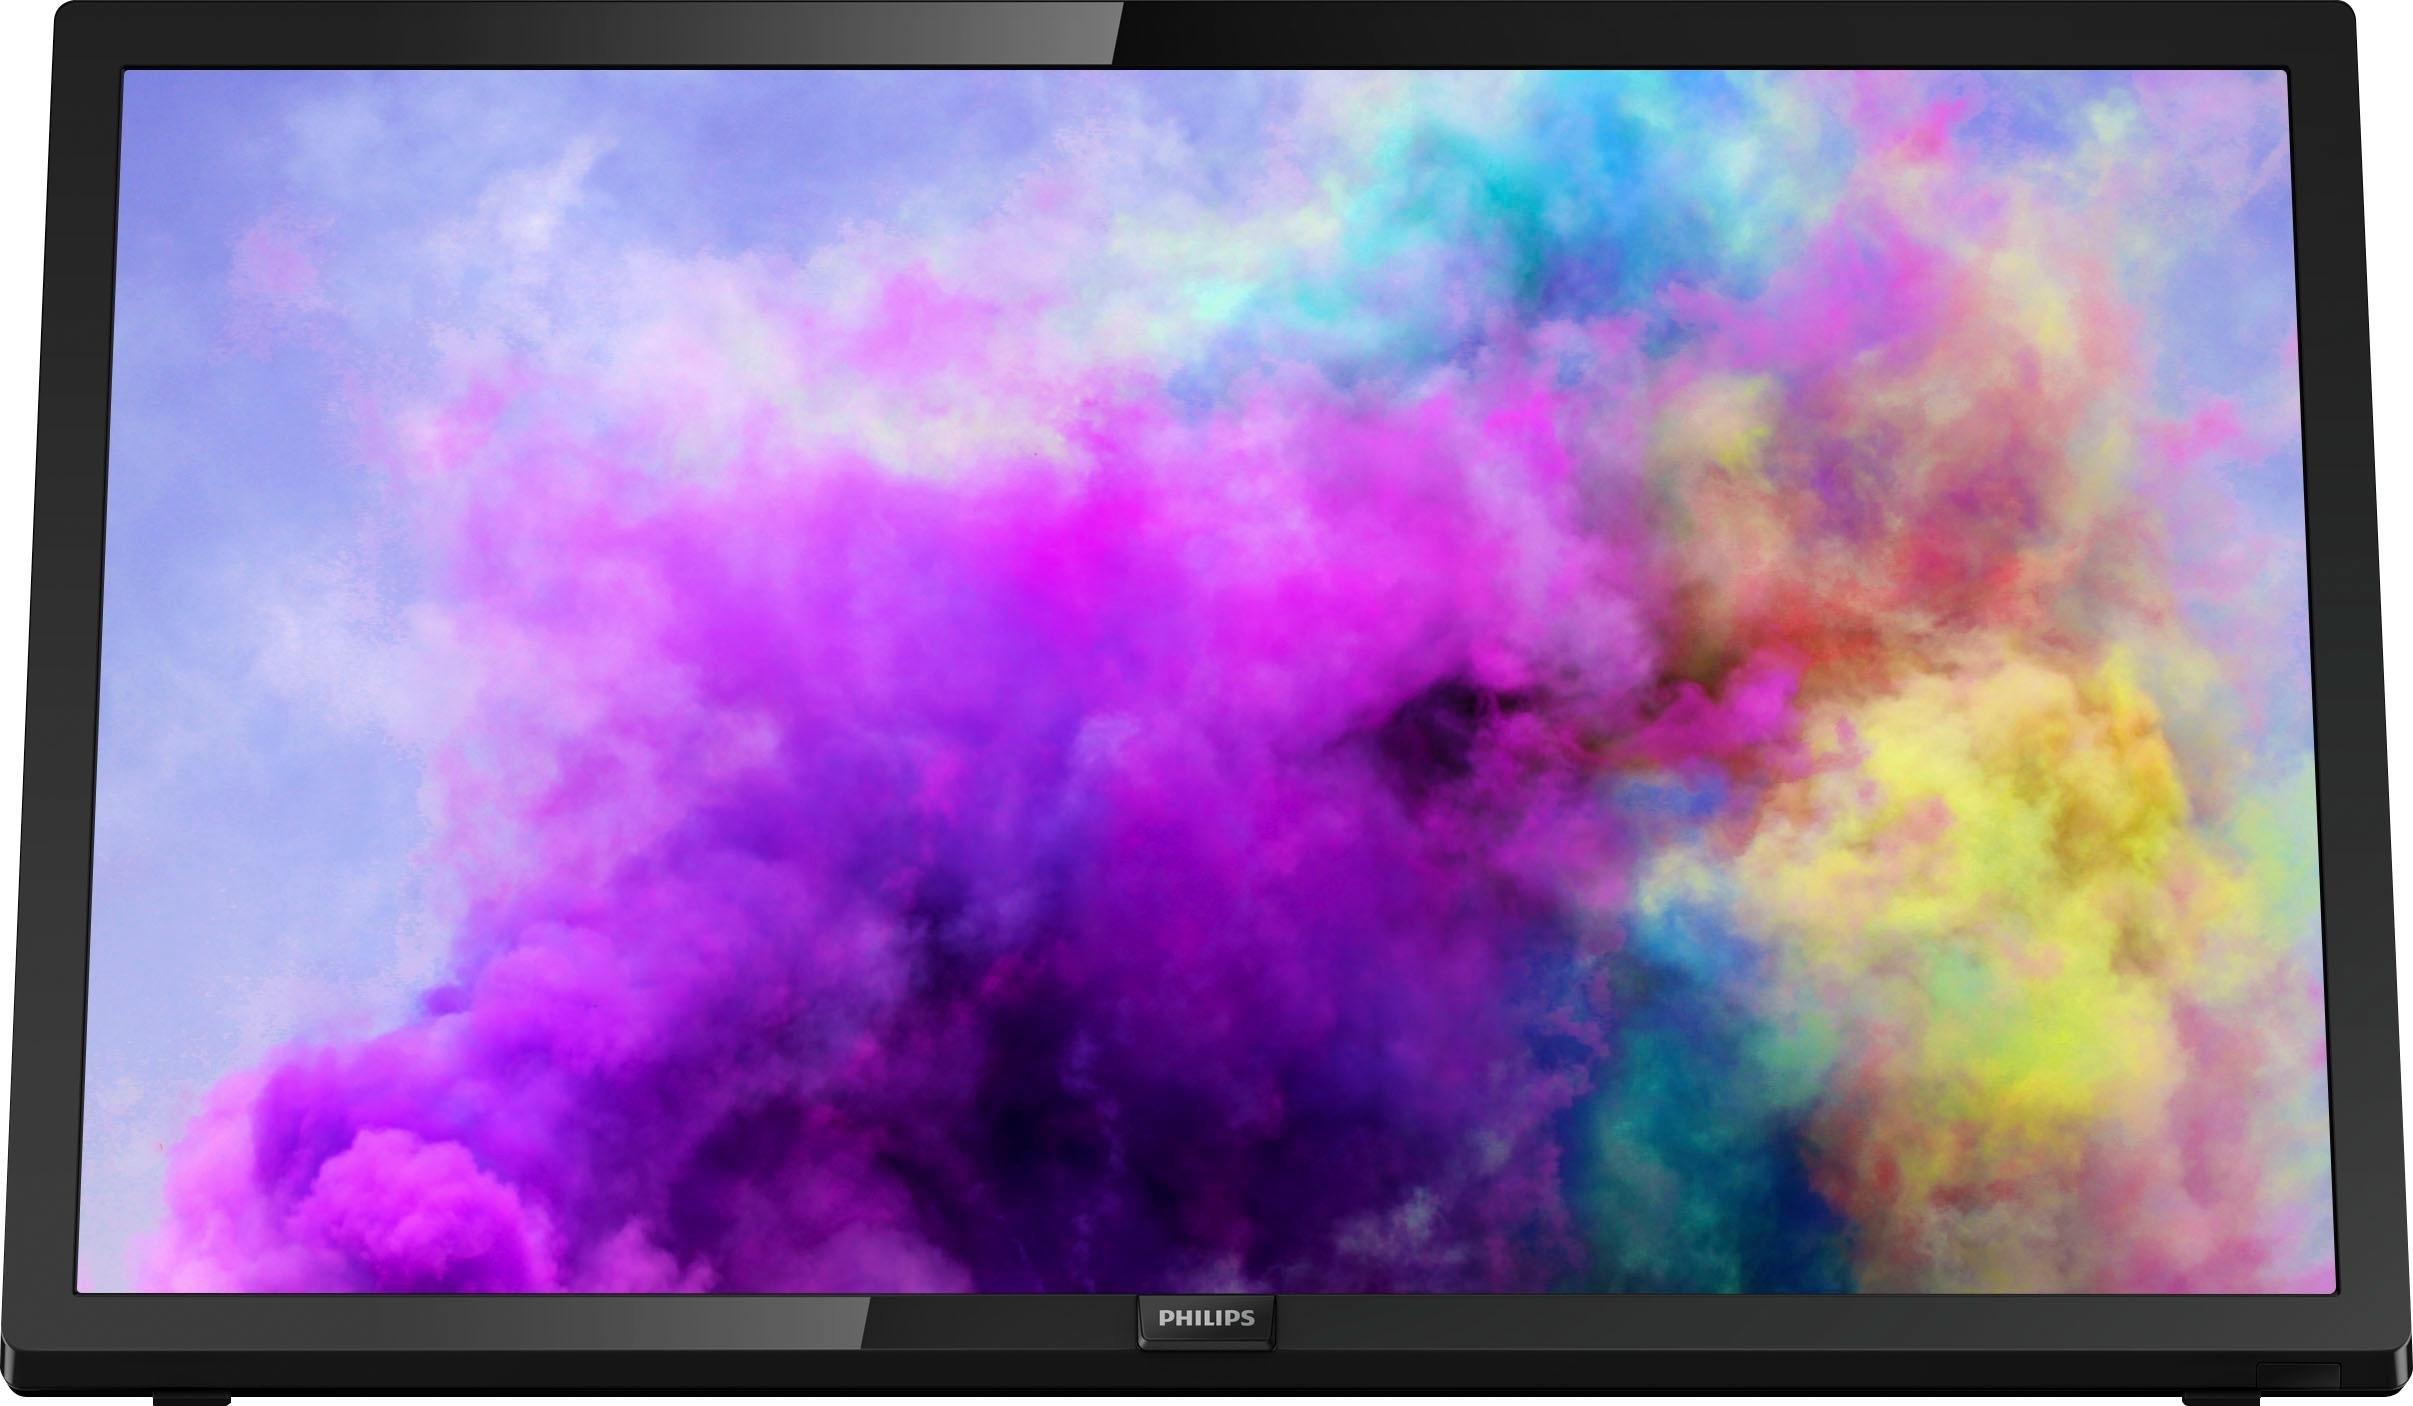 Philips 22PFS5303/12 led-tv (22 inch), Full HD in de webshop van OTTO kopen